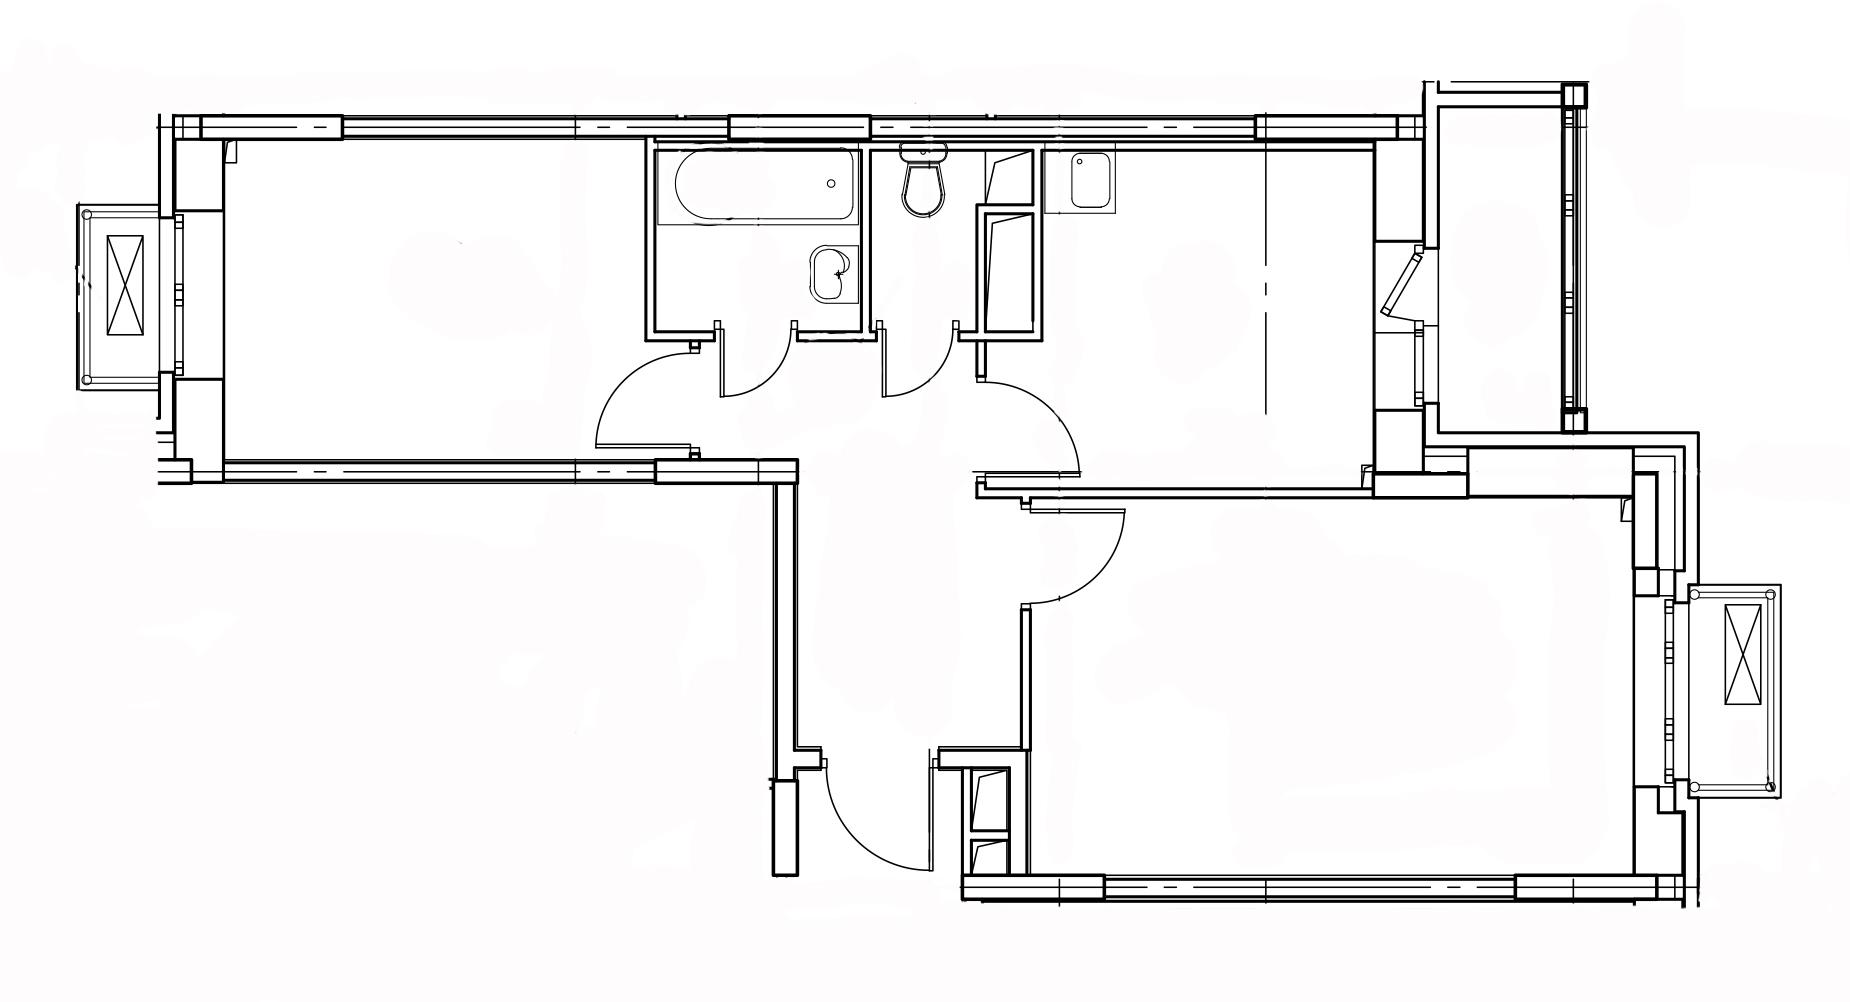 2-комнатная квартира в Митино О2, дом №8, квартира №08-353